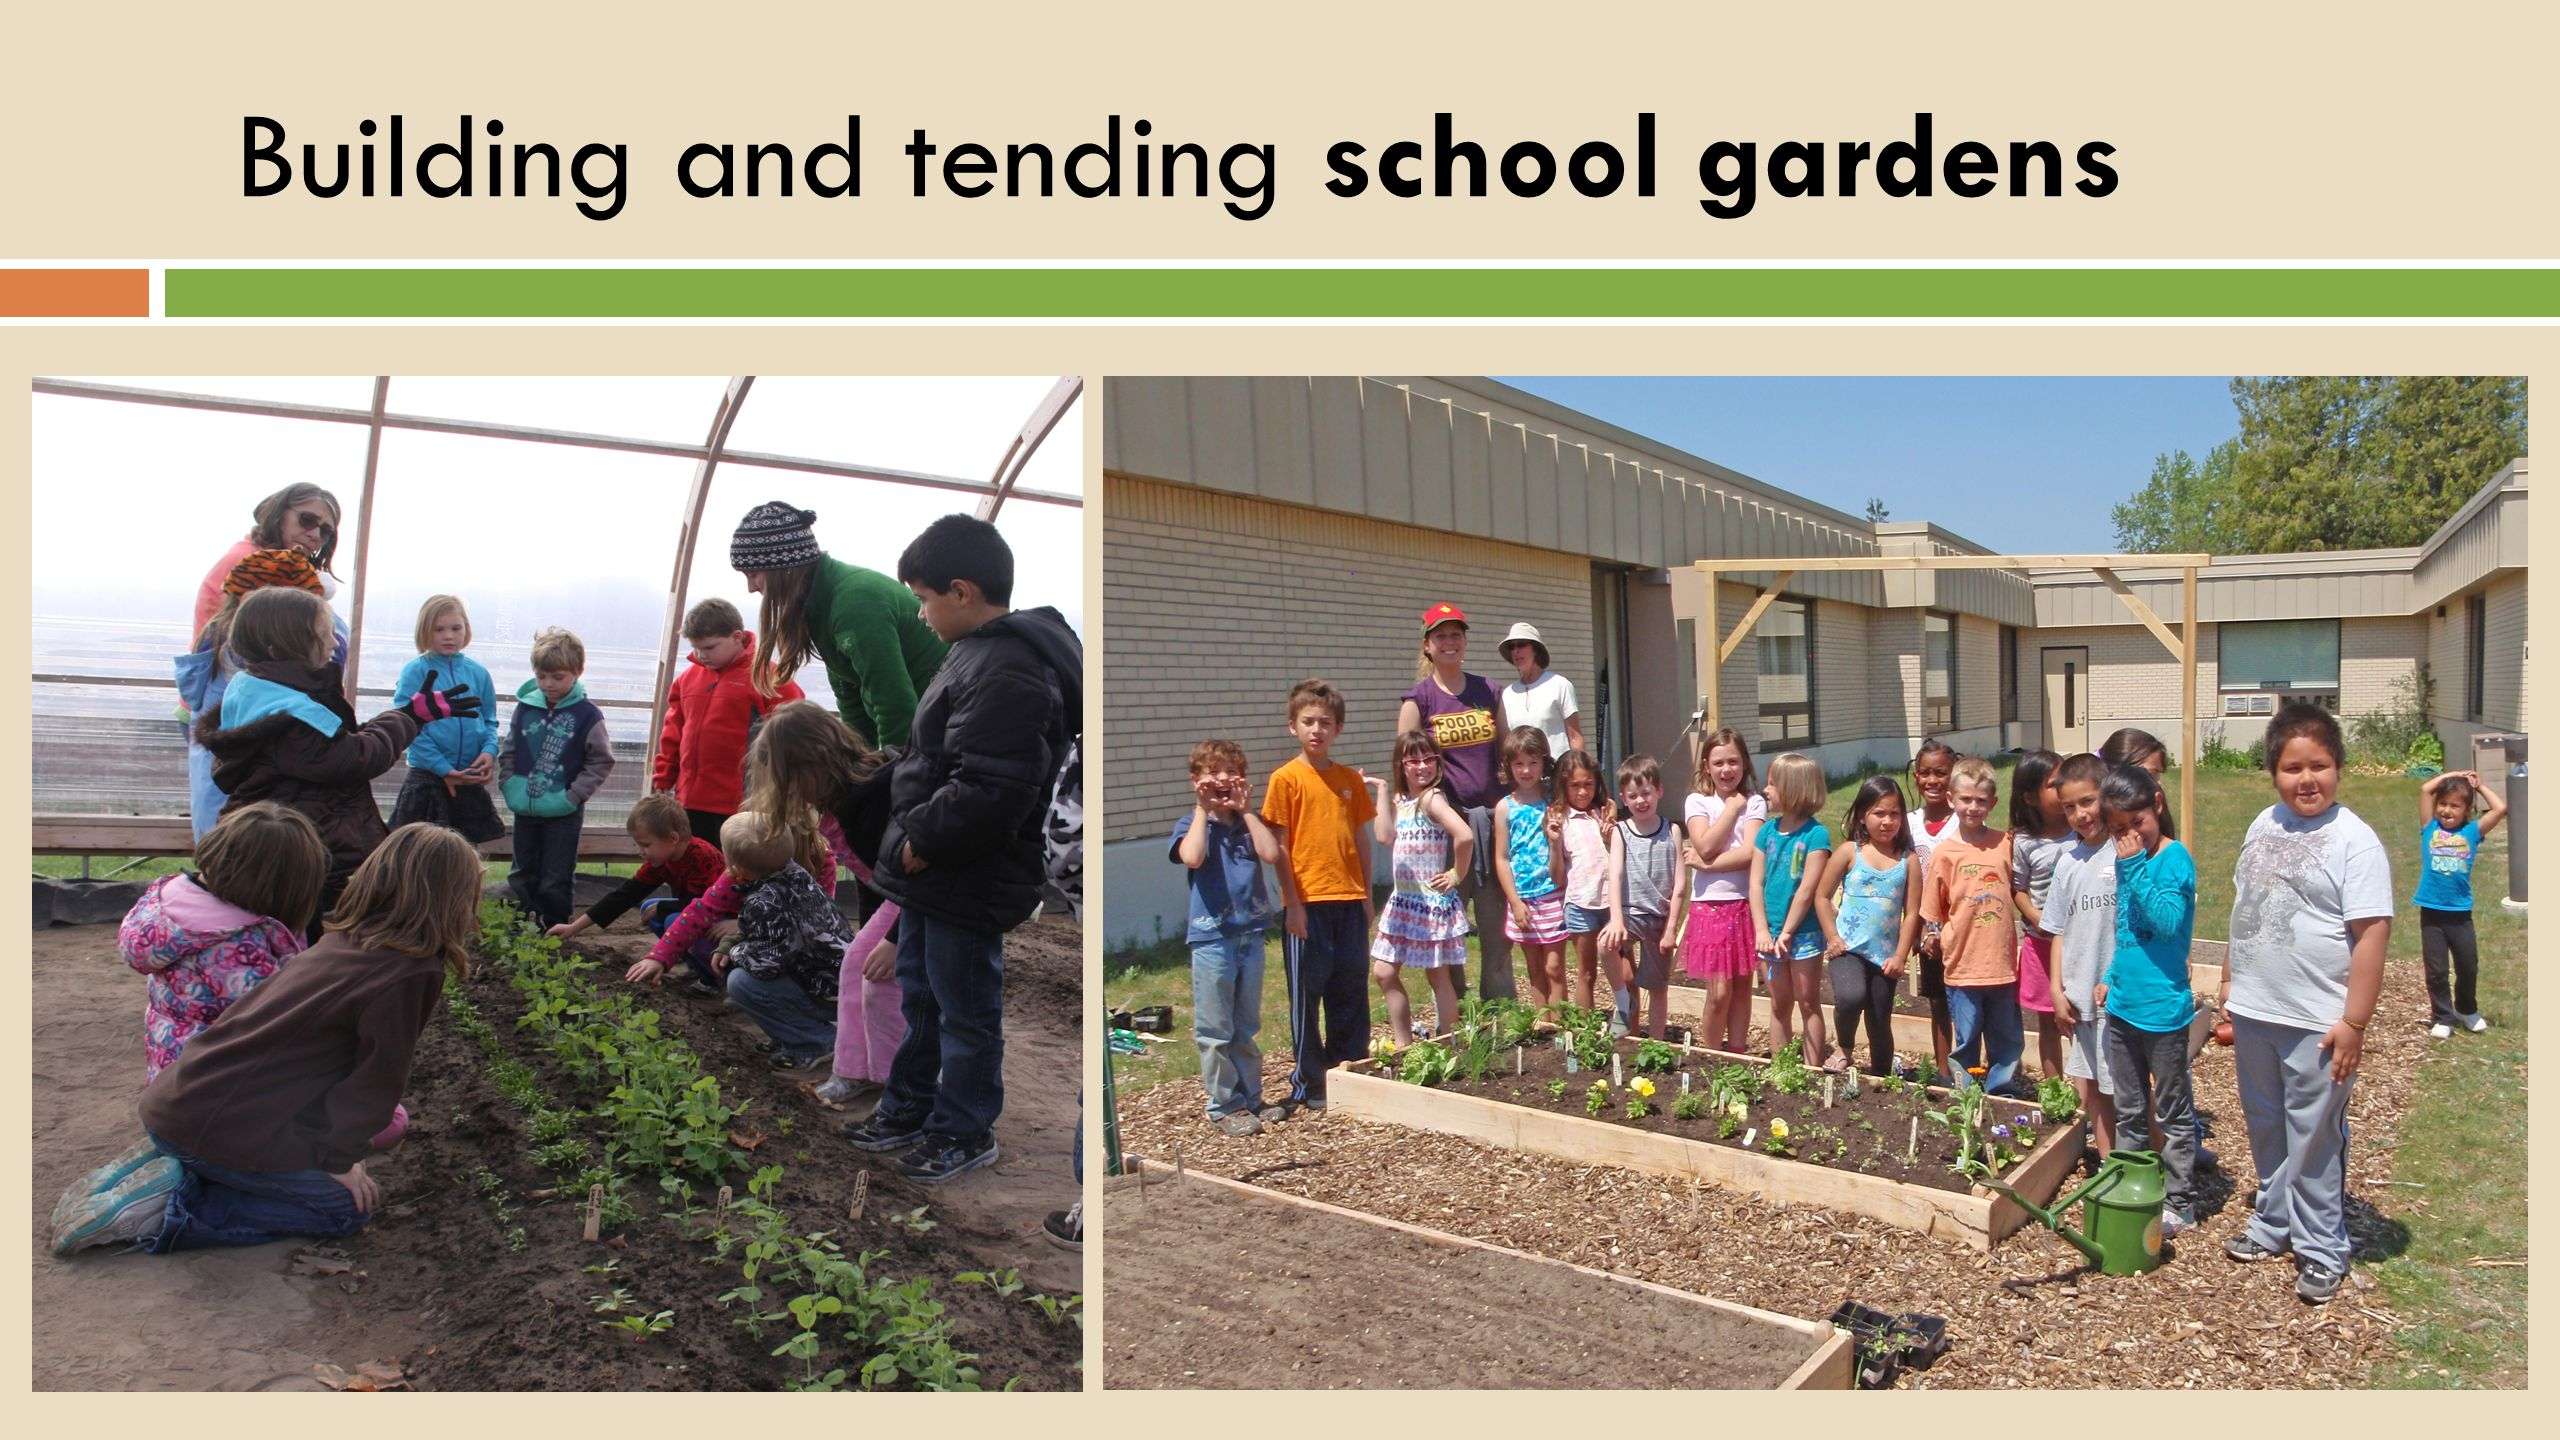 Building and tending school gardens